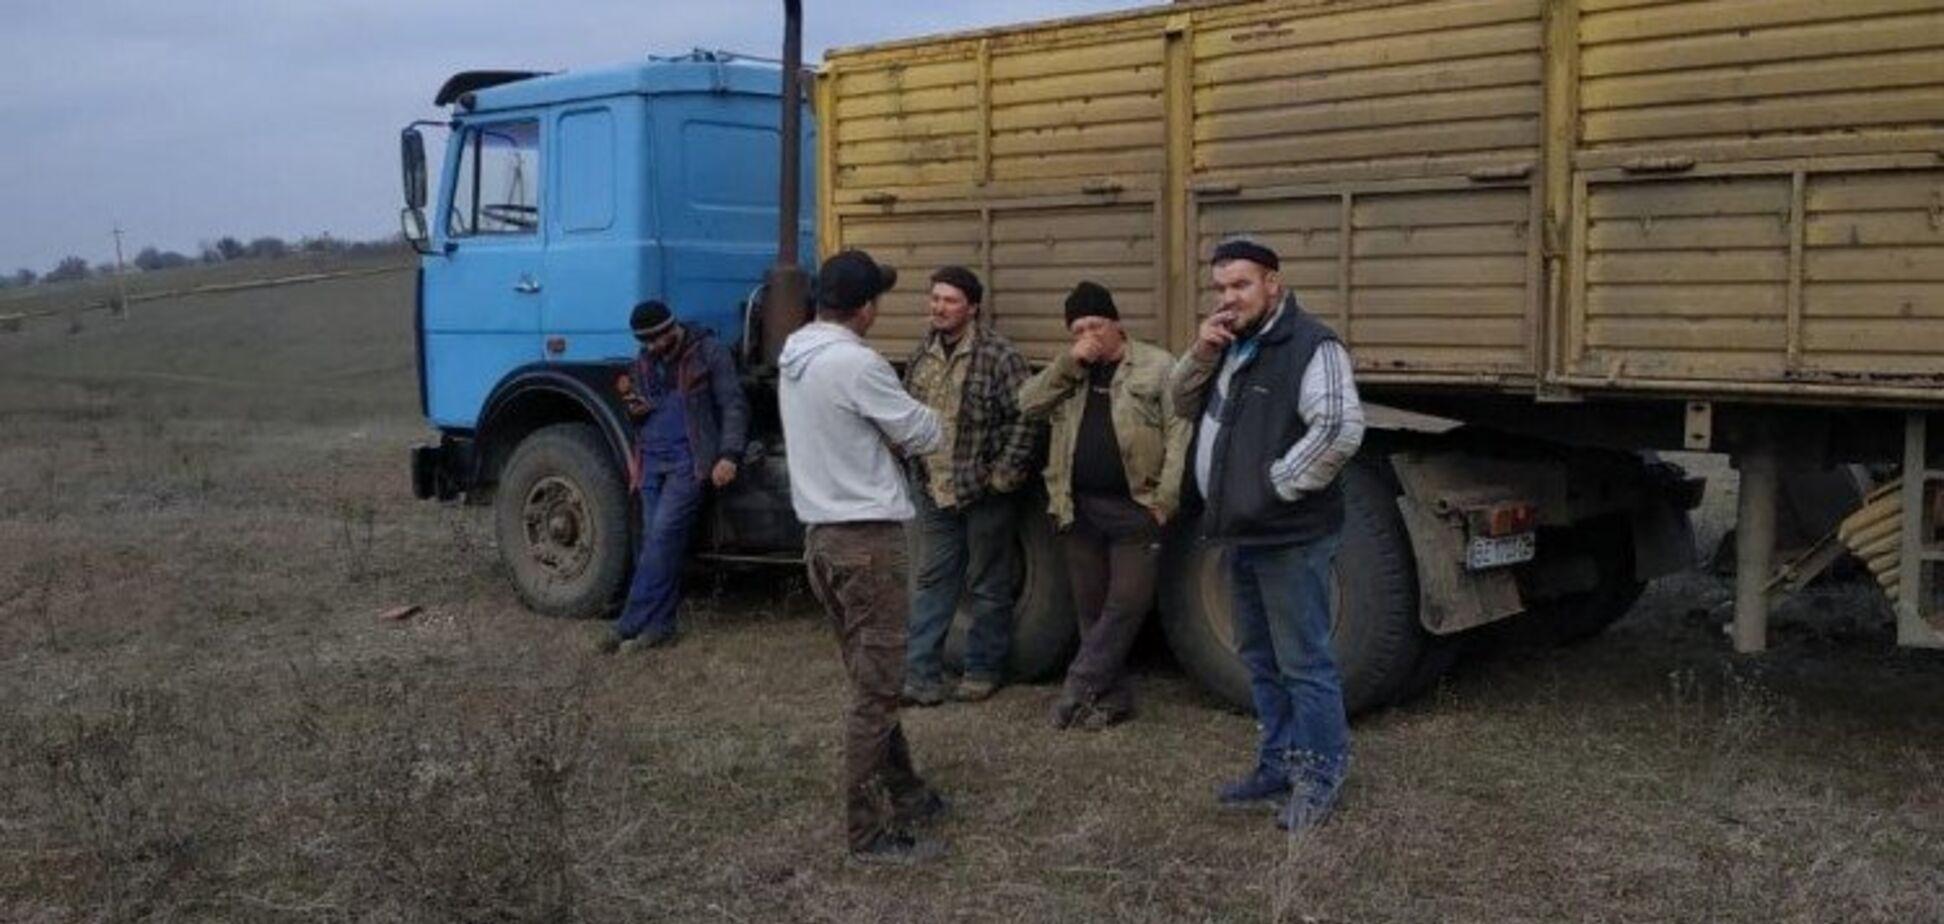 Глава сельсовета сдал водопровод на металлолом. Источник: Думская